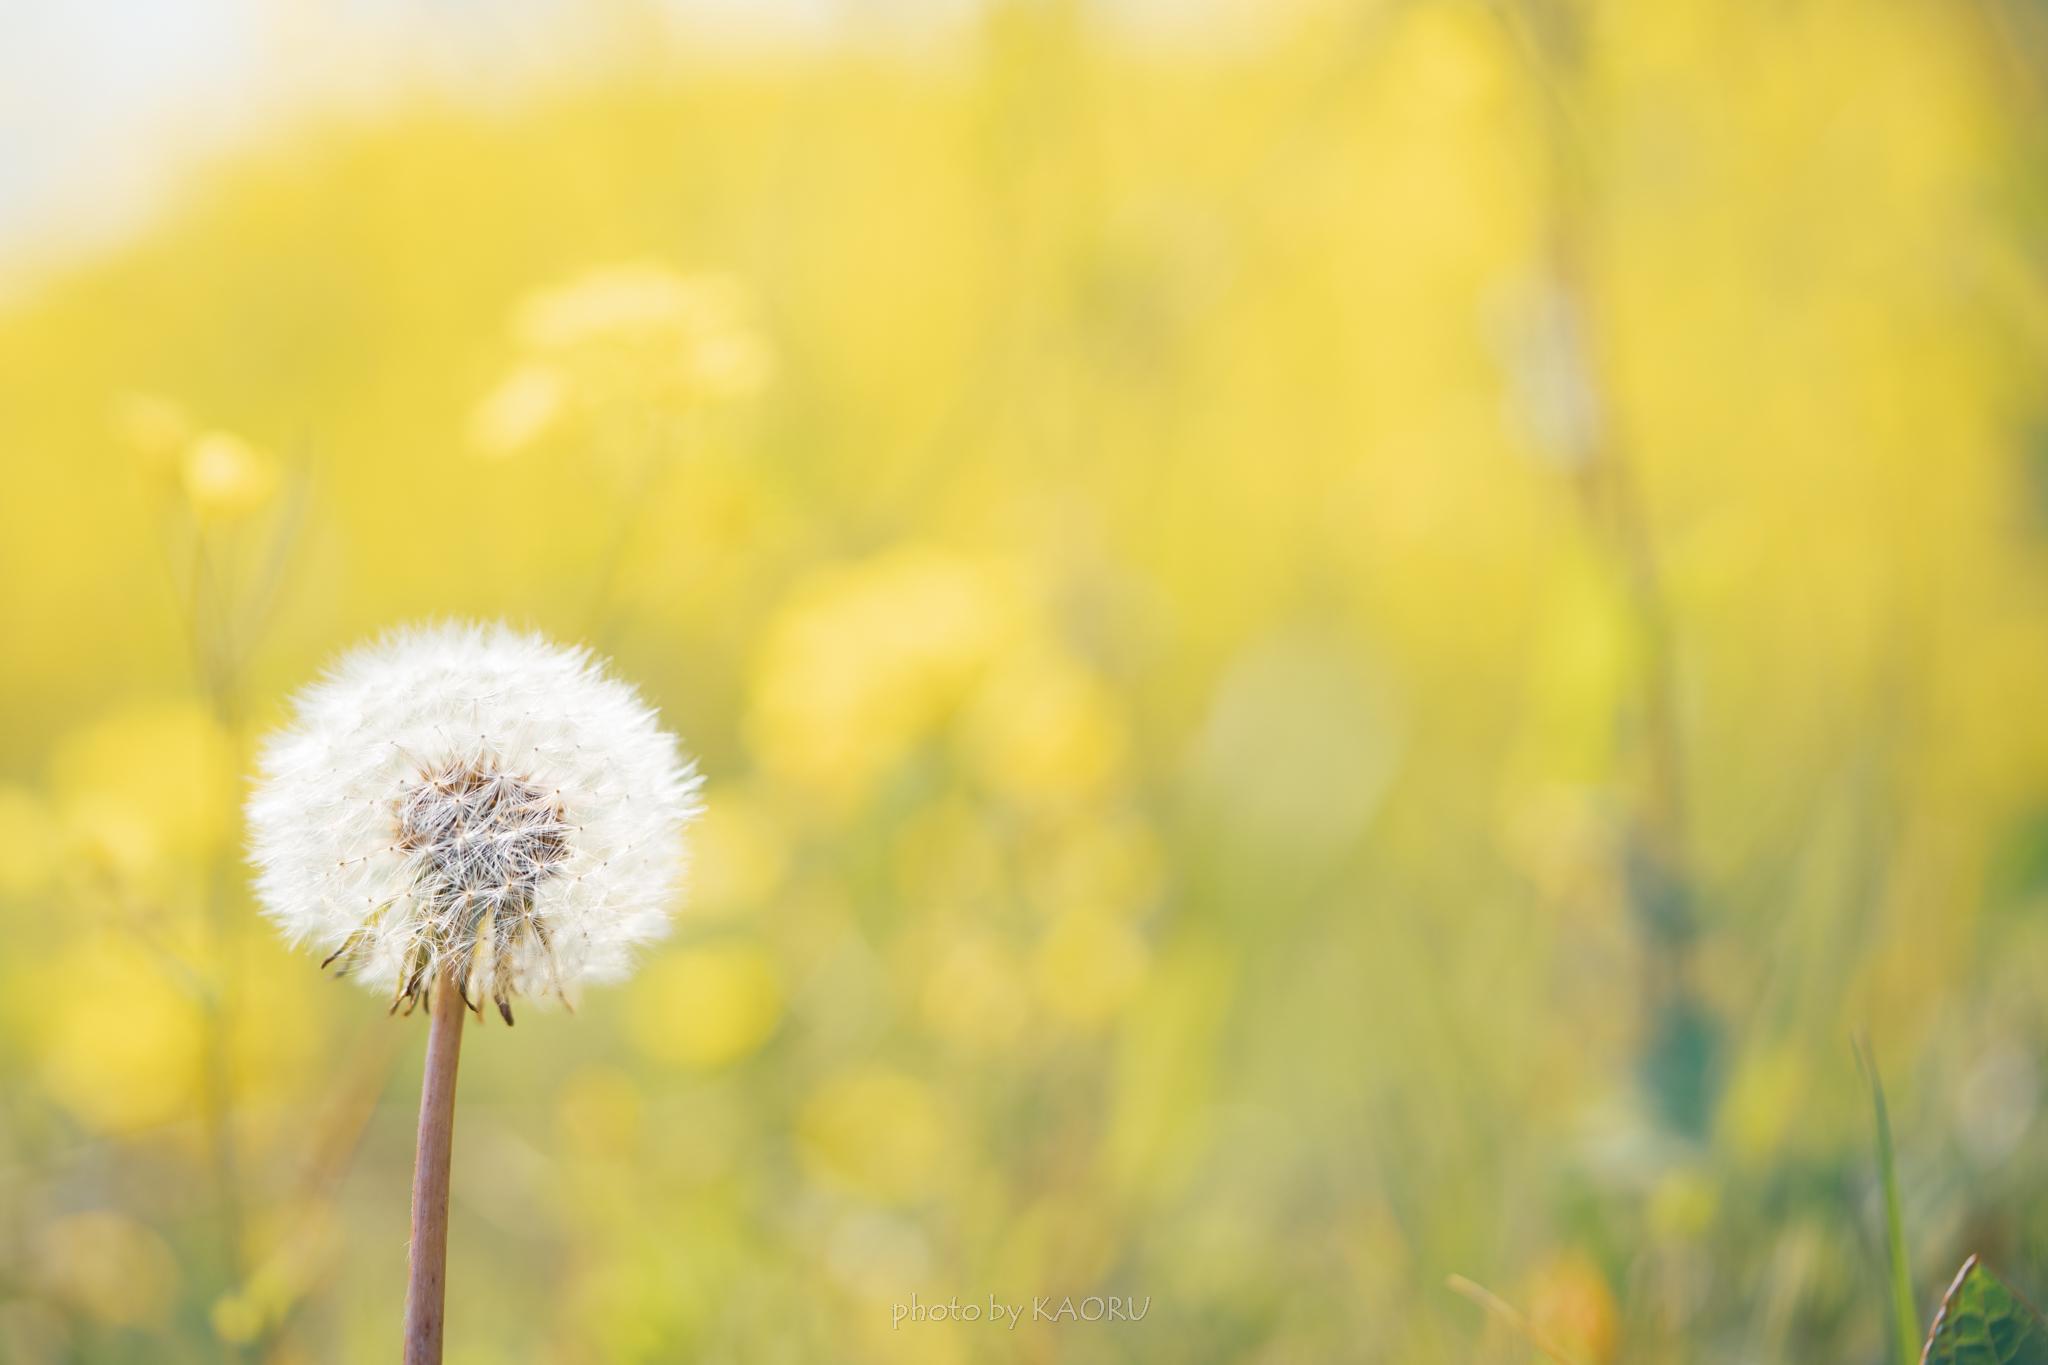 タンポポと菜の花